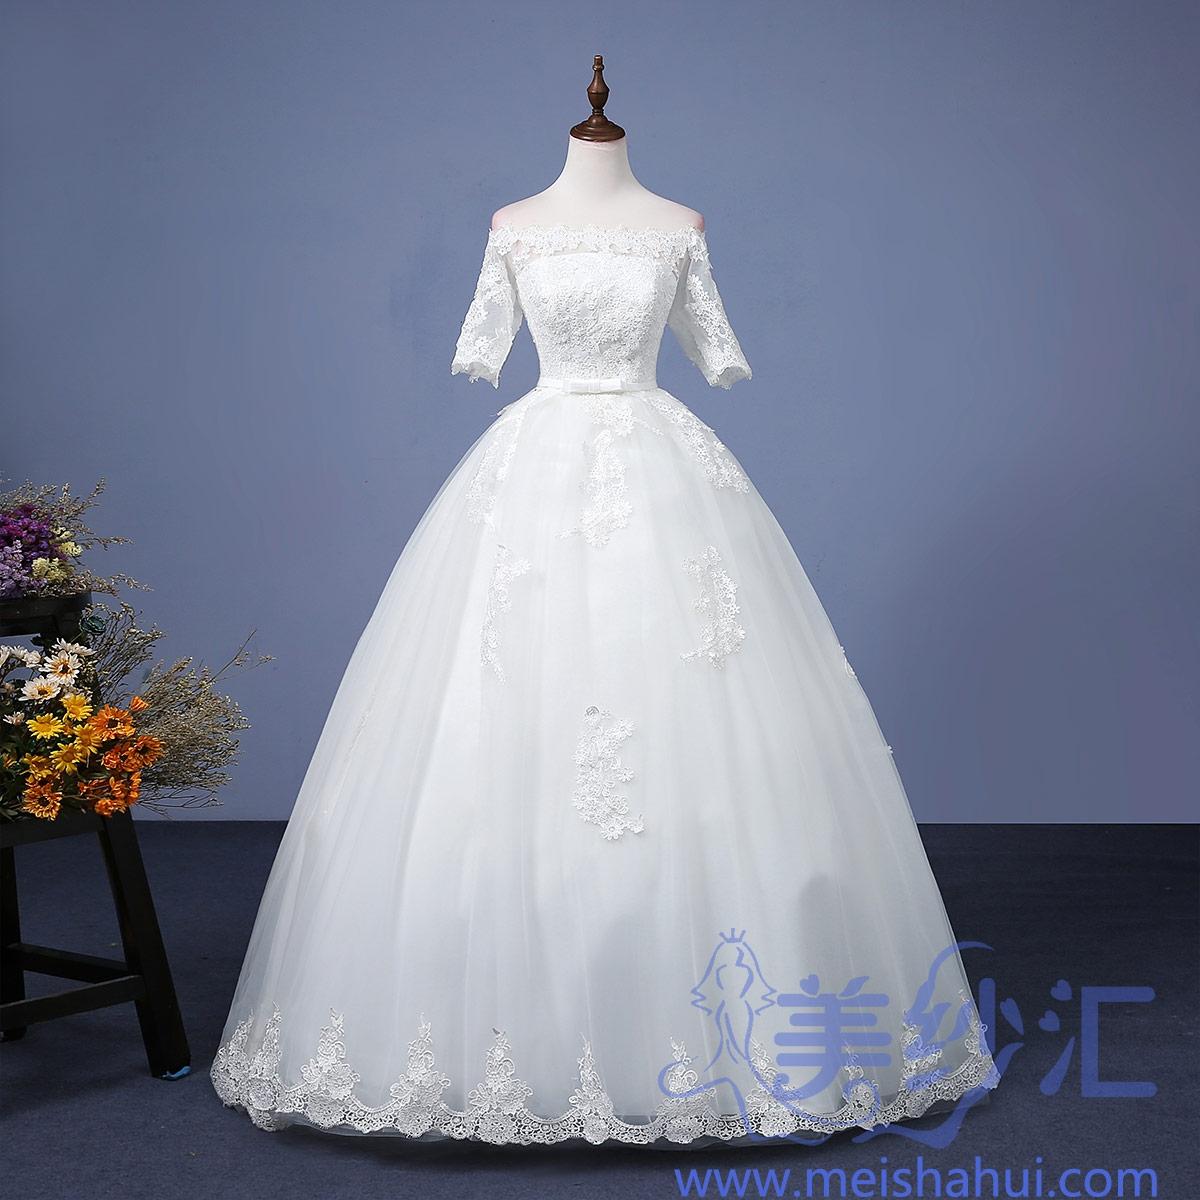 米白色一字肩中袖精美花纹新款新娘结婚嫁衣齐地婚纱101101C-91 如图 均码